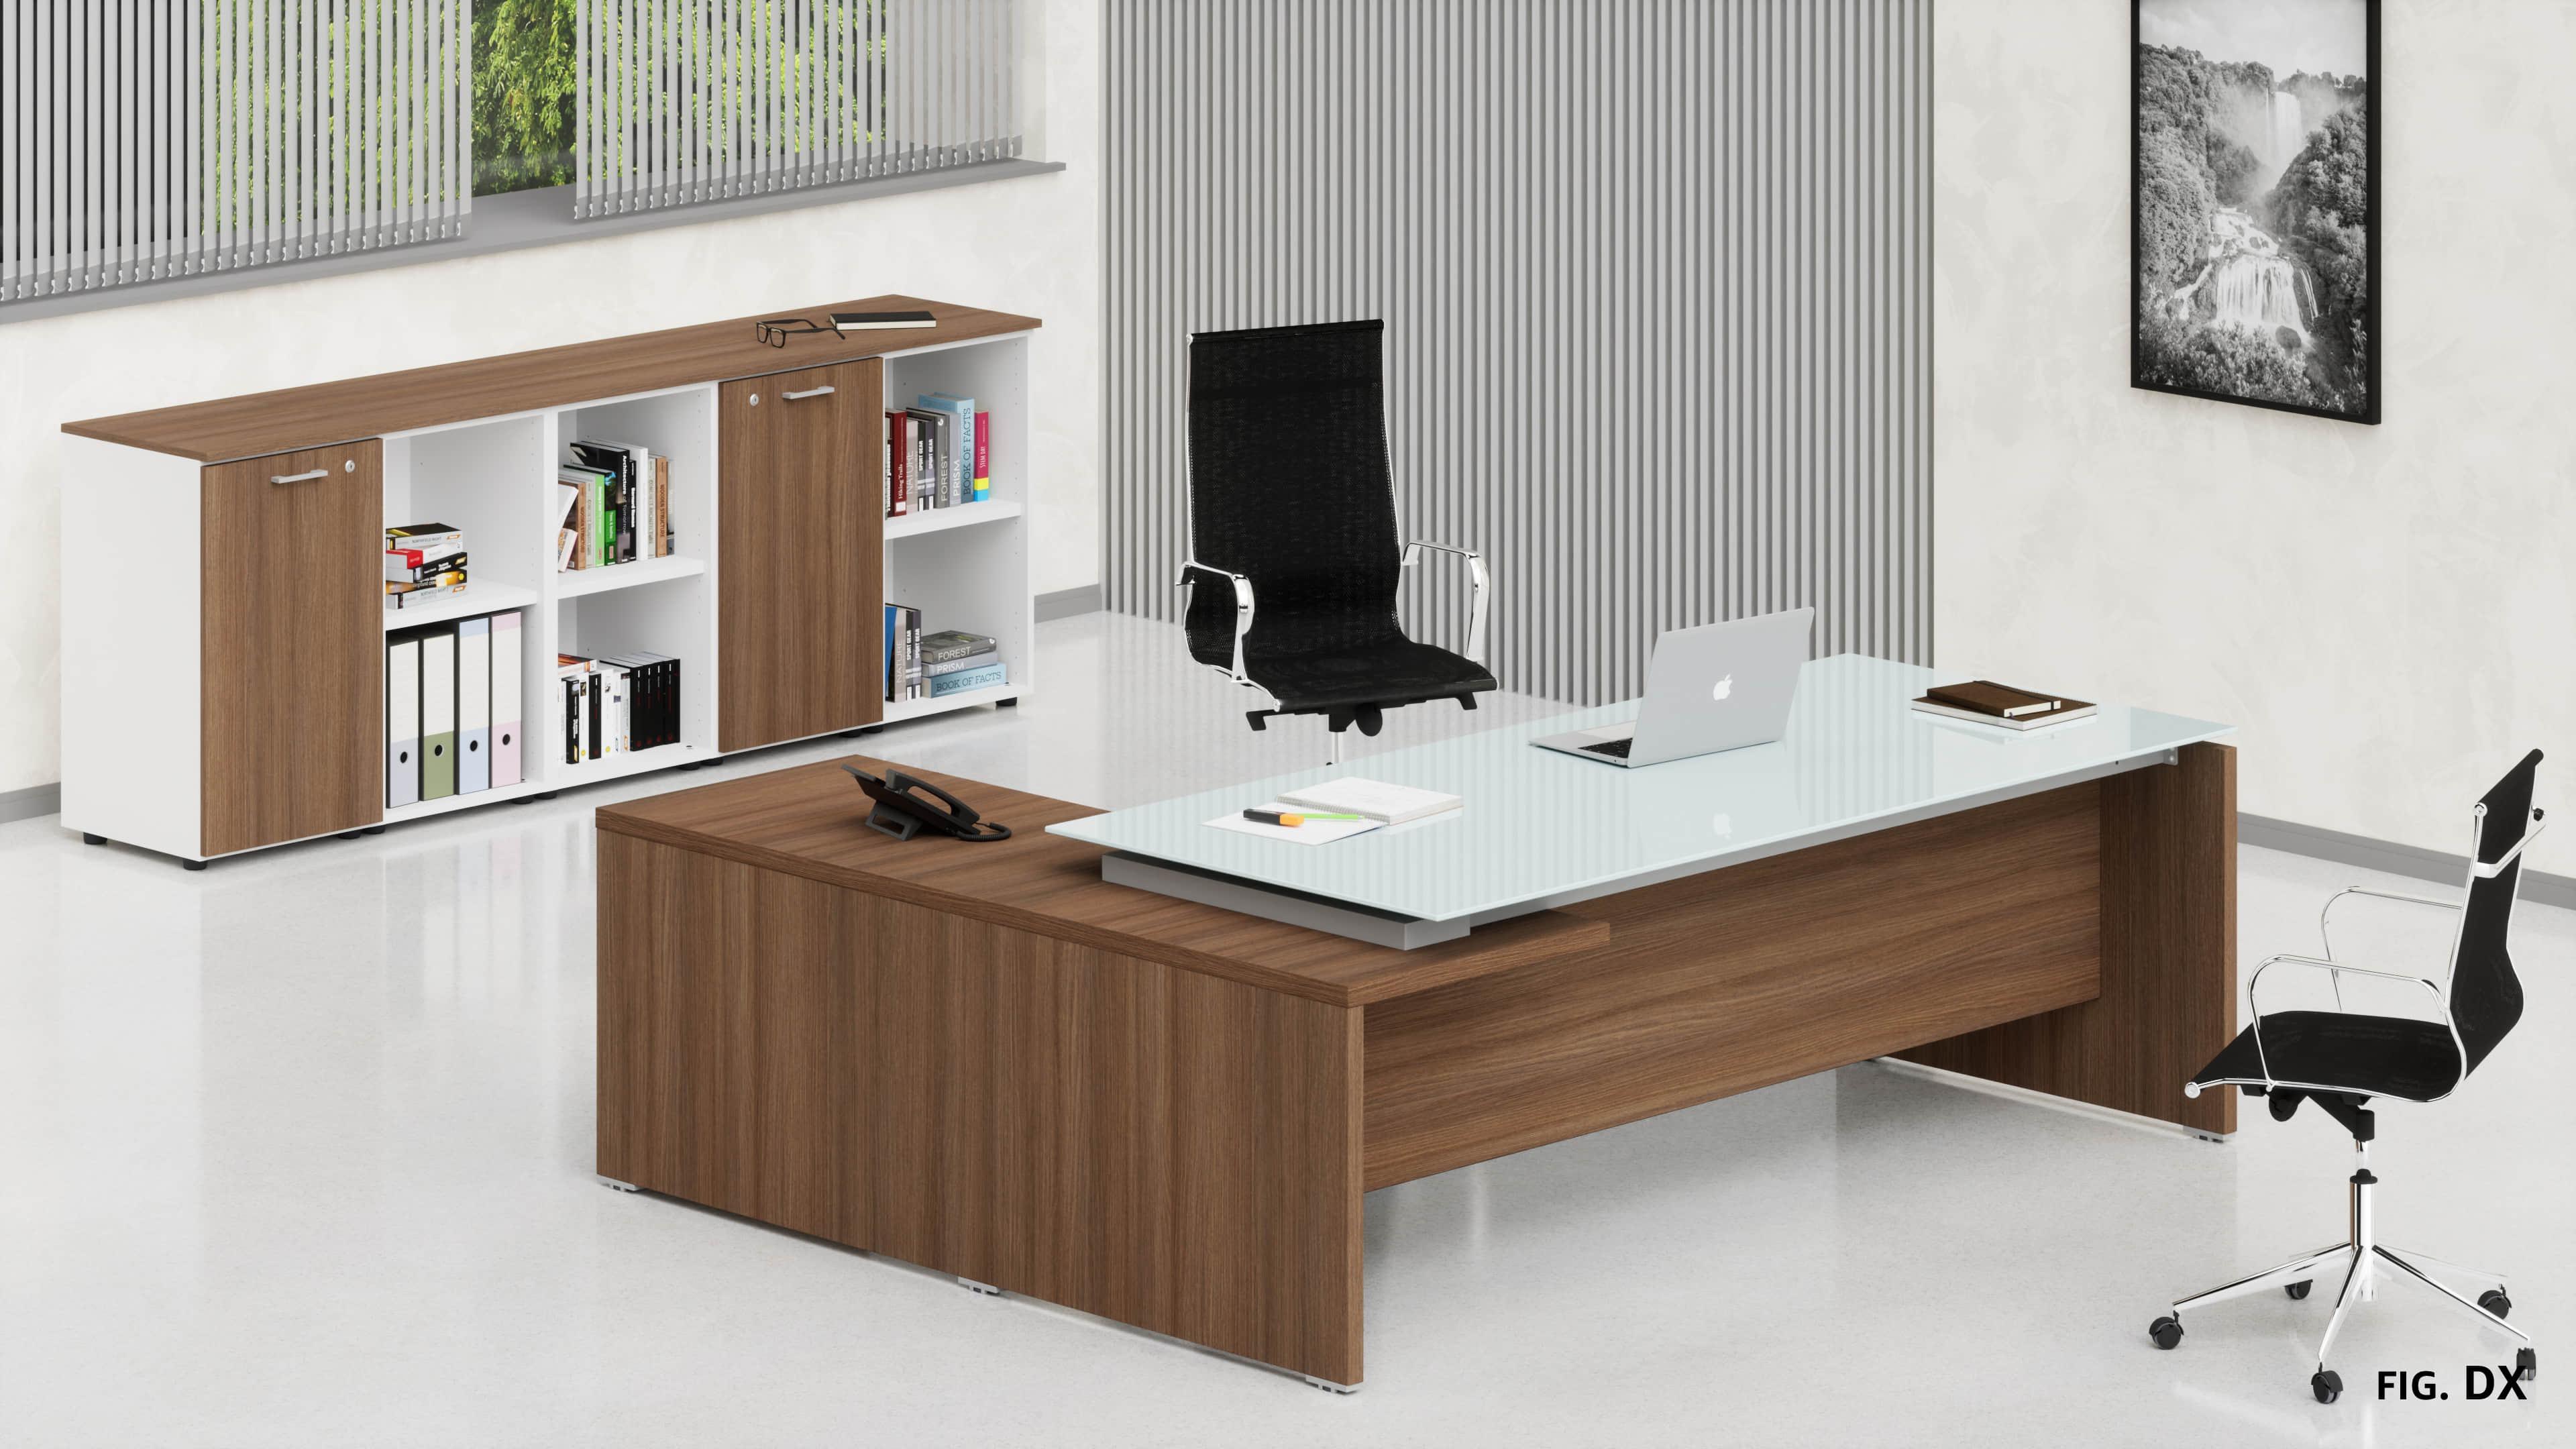 Uffici direzionali BETA scrivania piano vetro con allungo ribassato, cassettiera e contenitori universali bassi